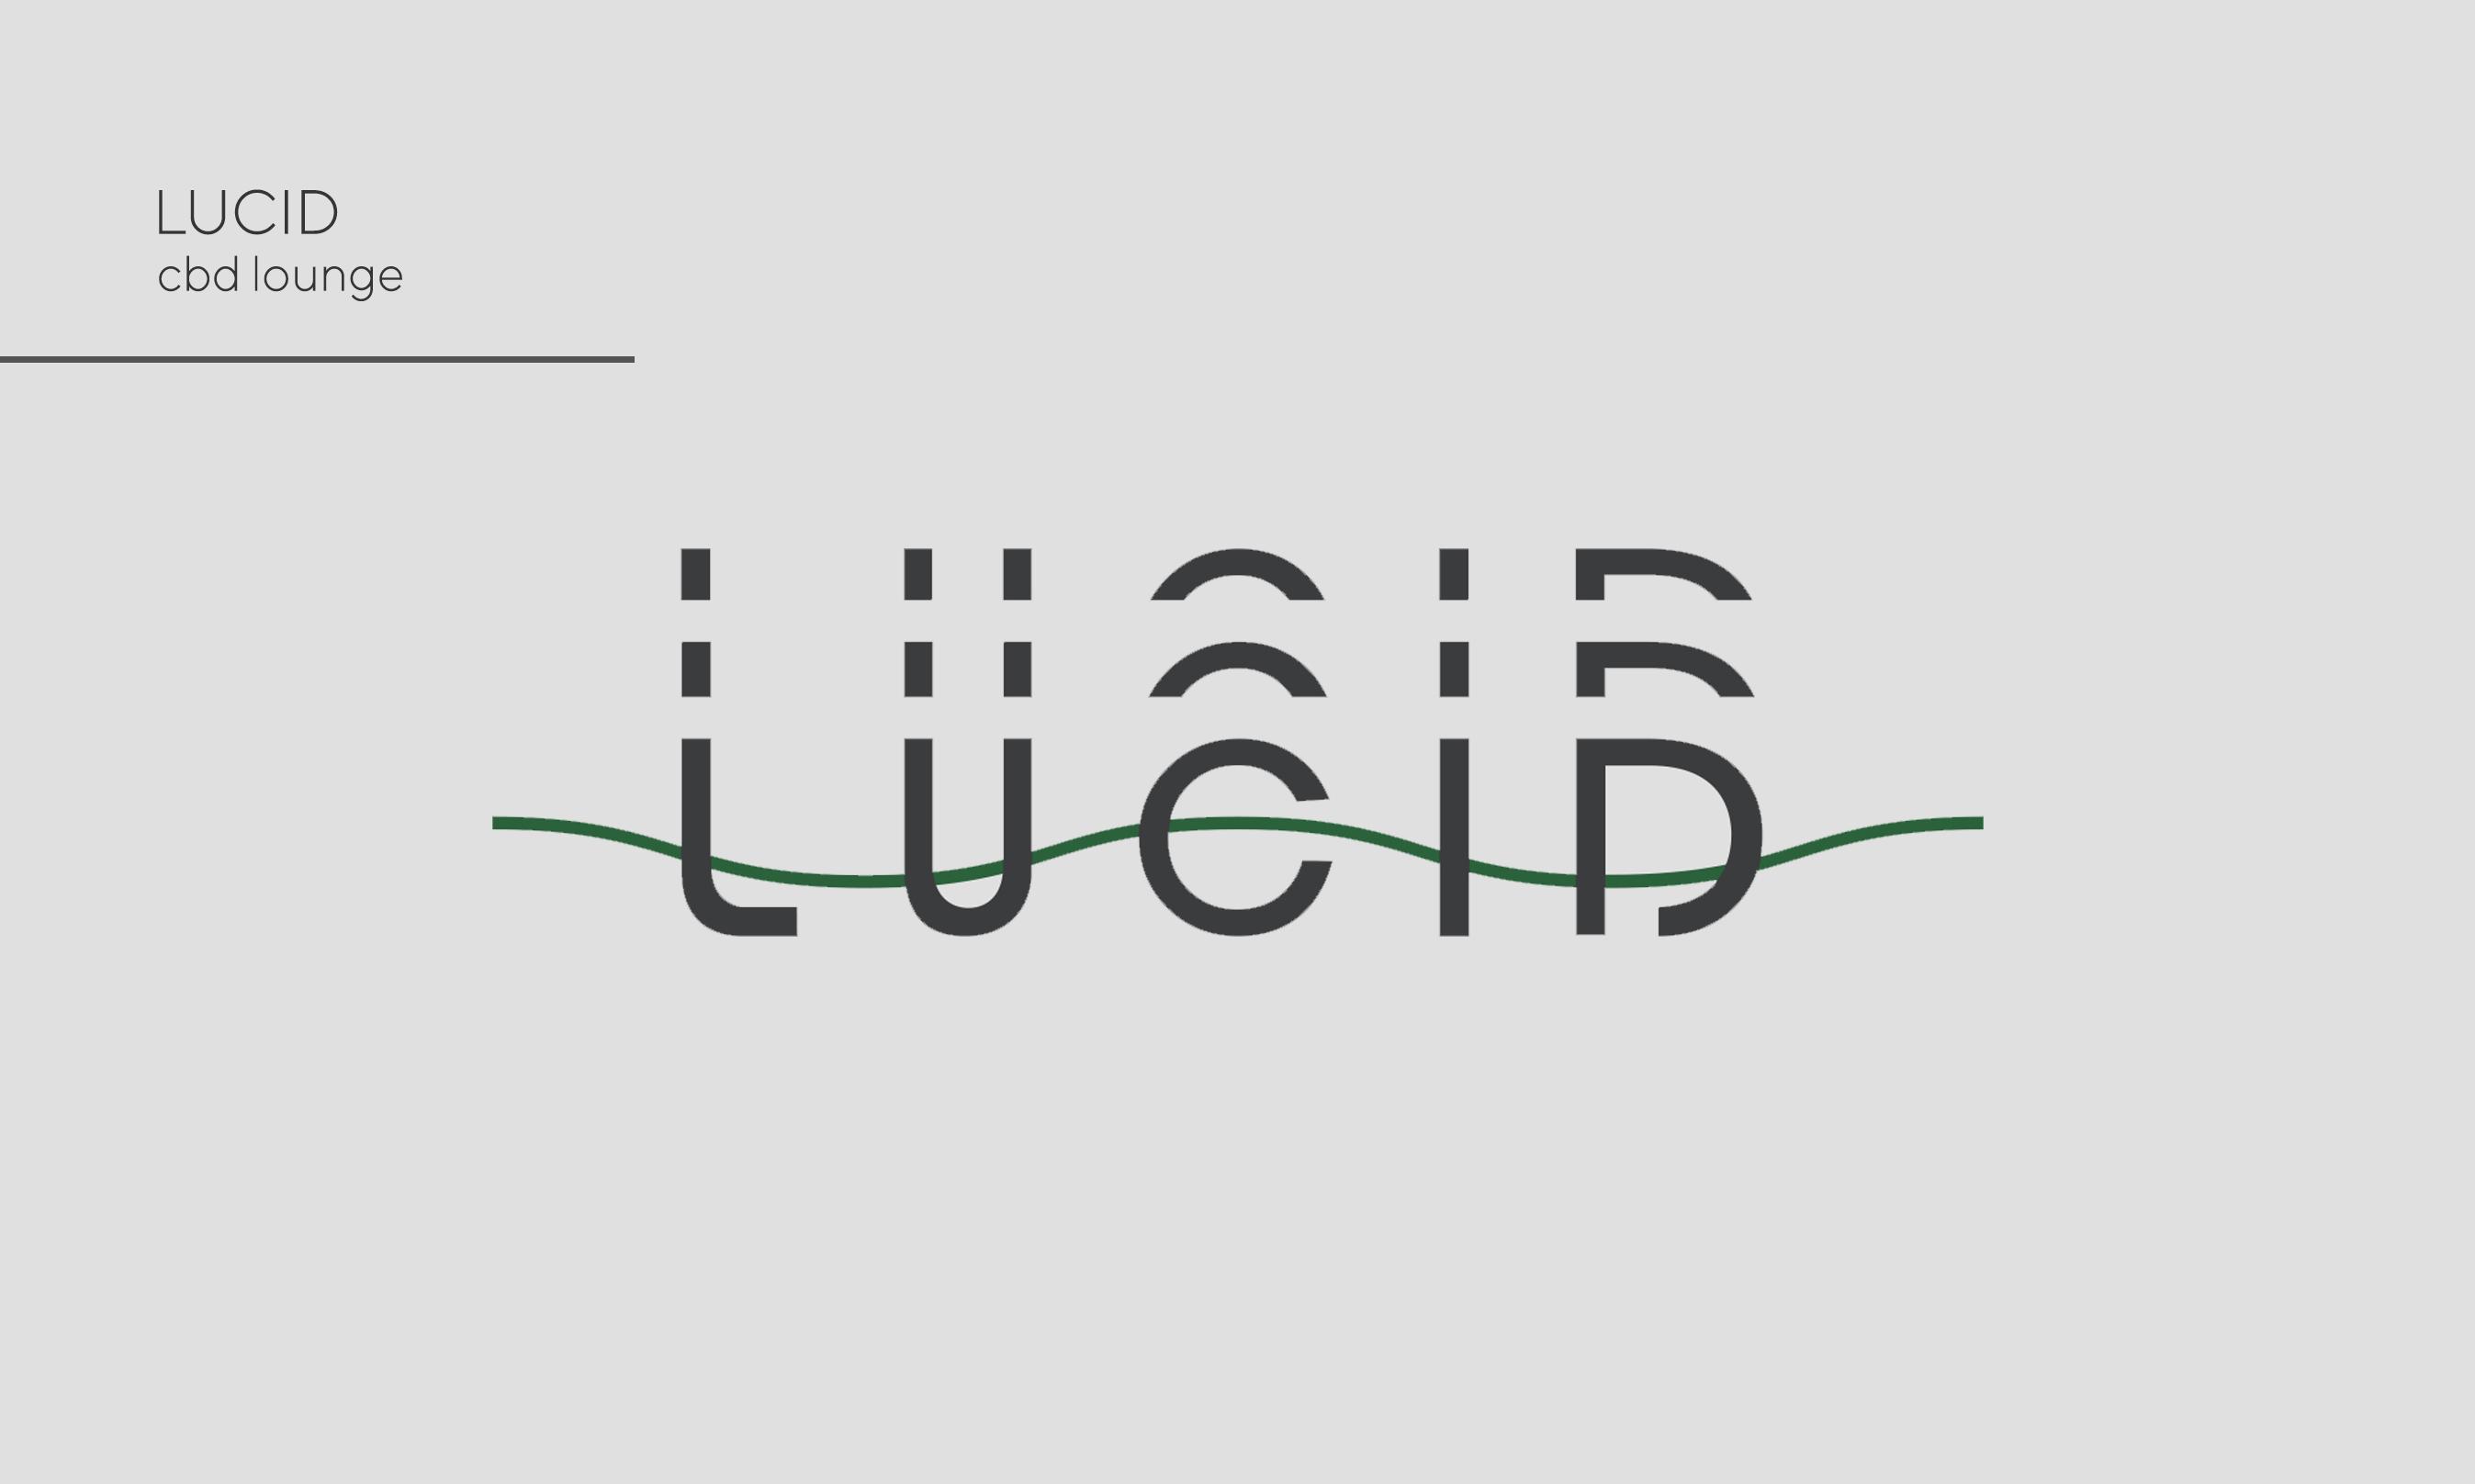 Логотипы 5